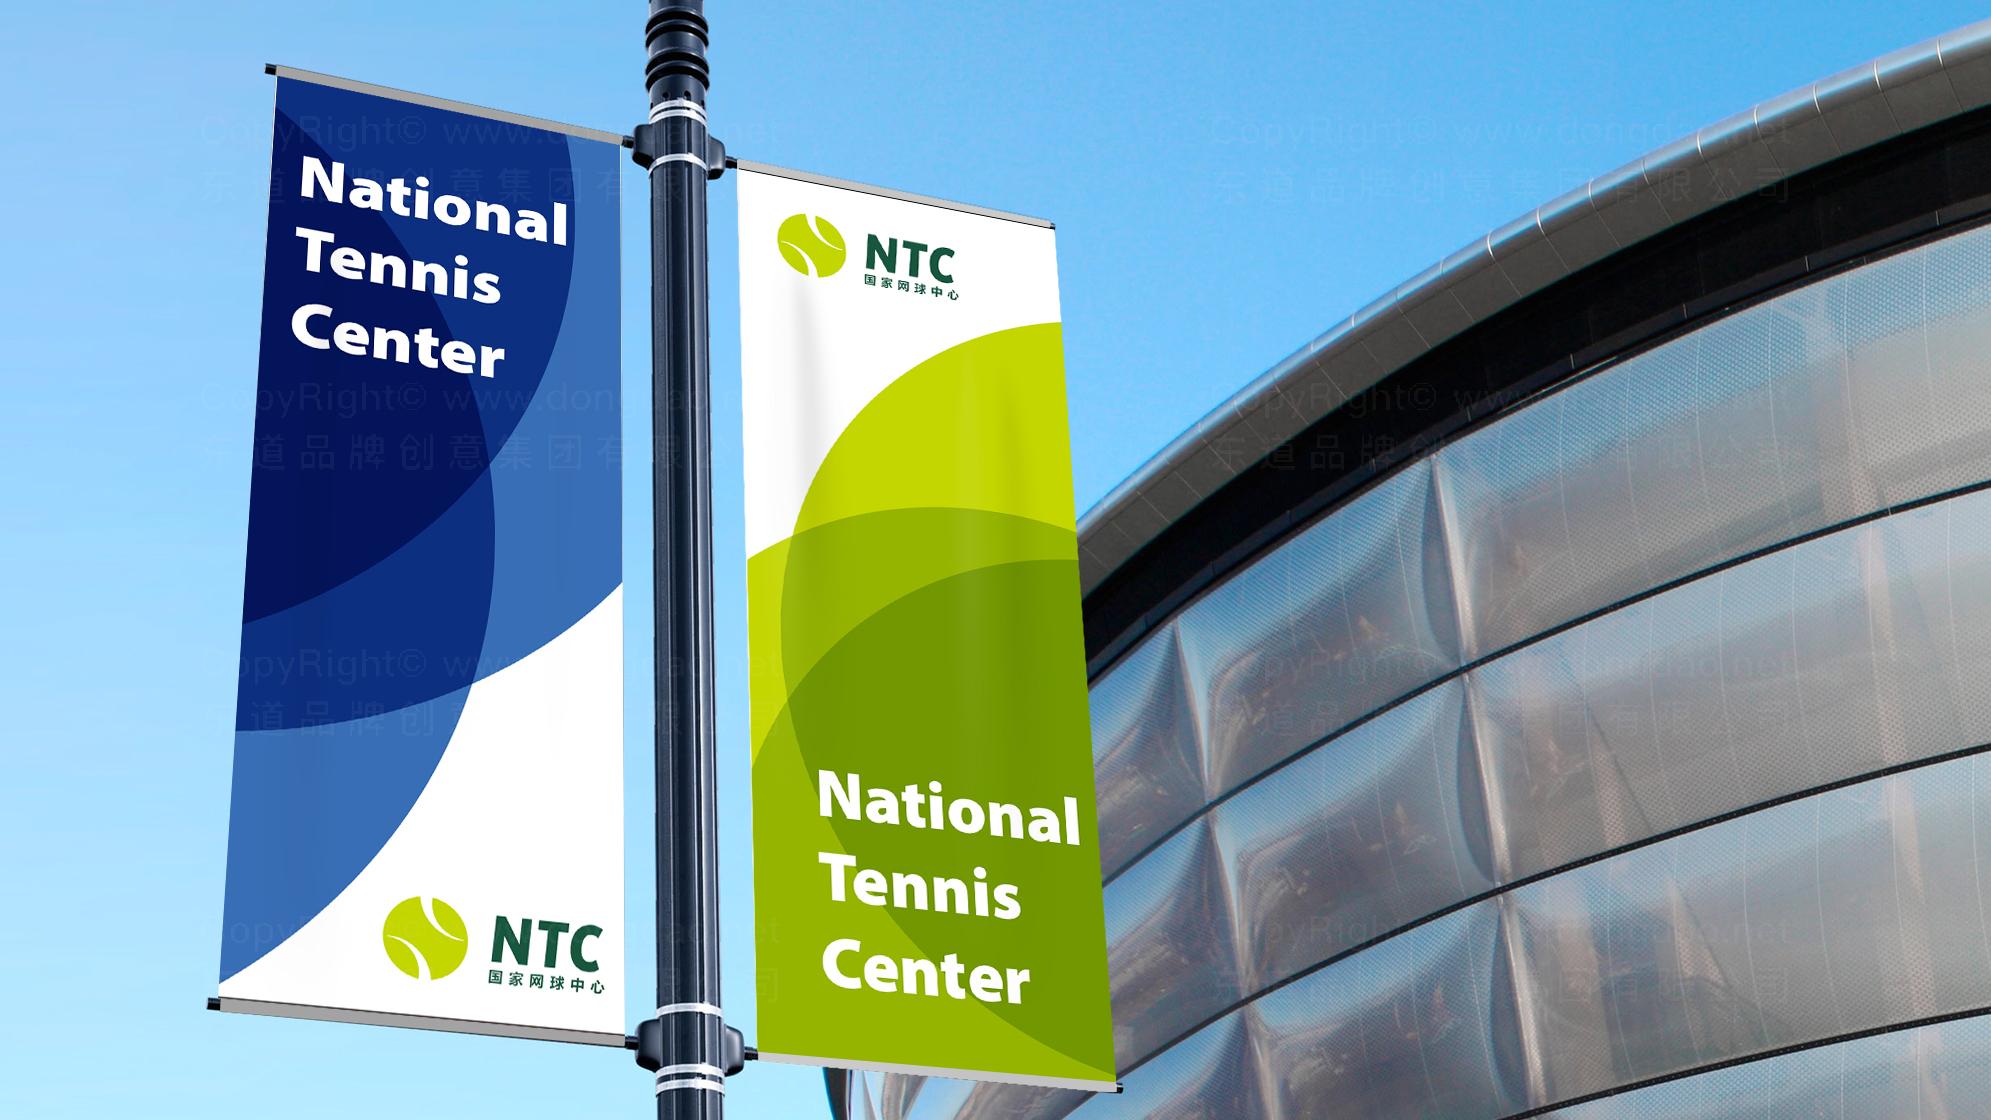 品牌设计国家网球中心标志设计应用场景_1